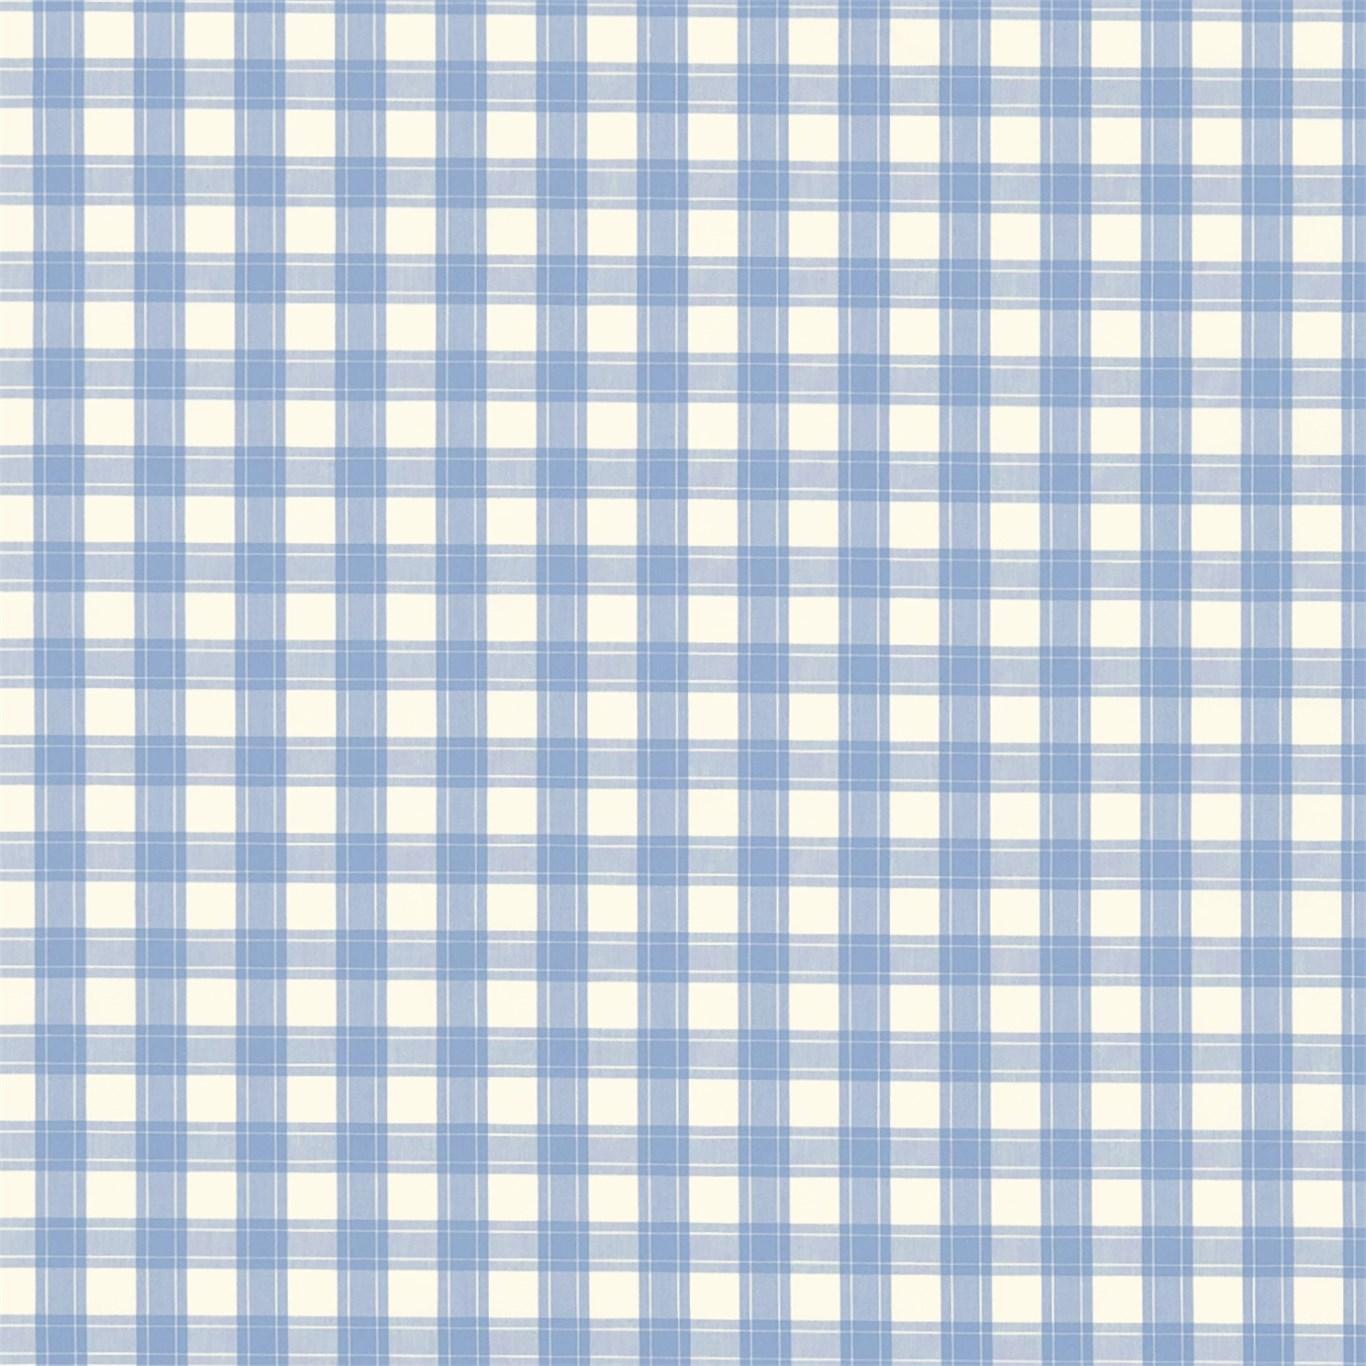 Appledore Blå